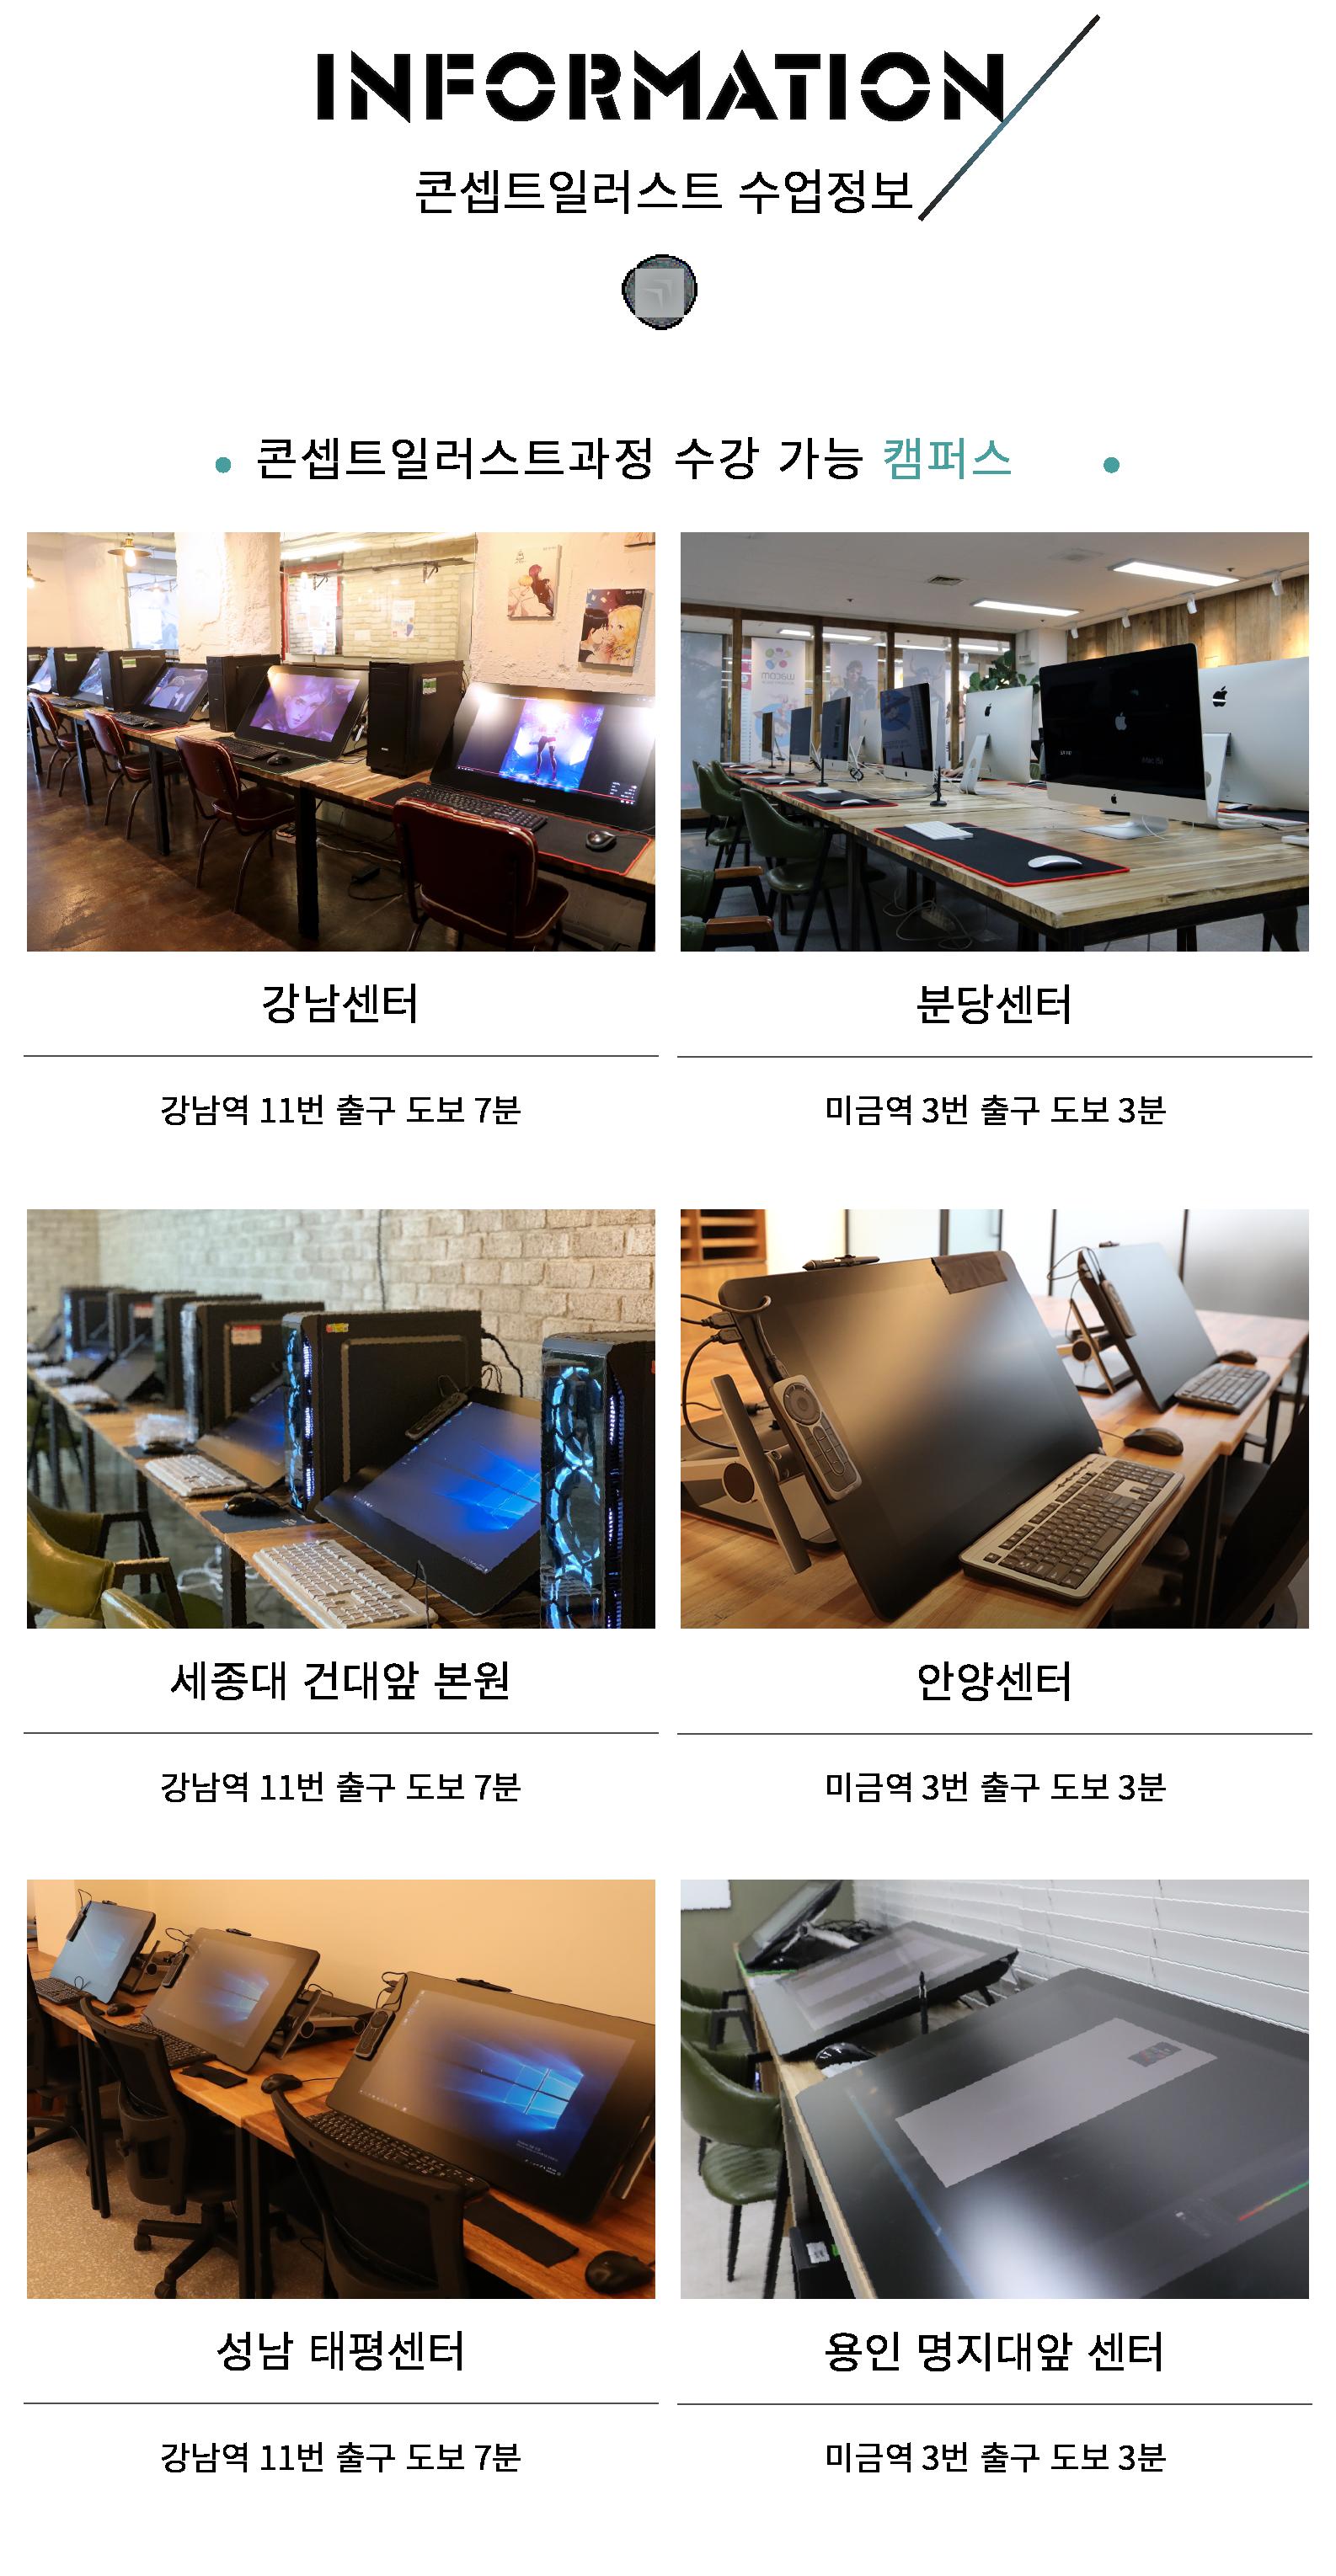 콘셉트 일러스트 수업 정보 센터